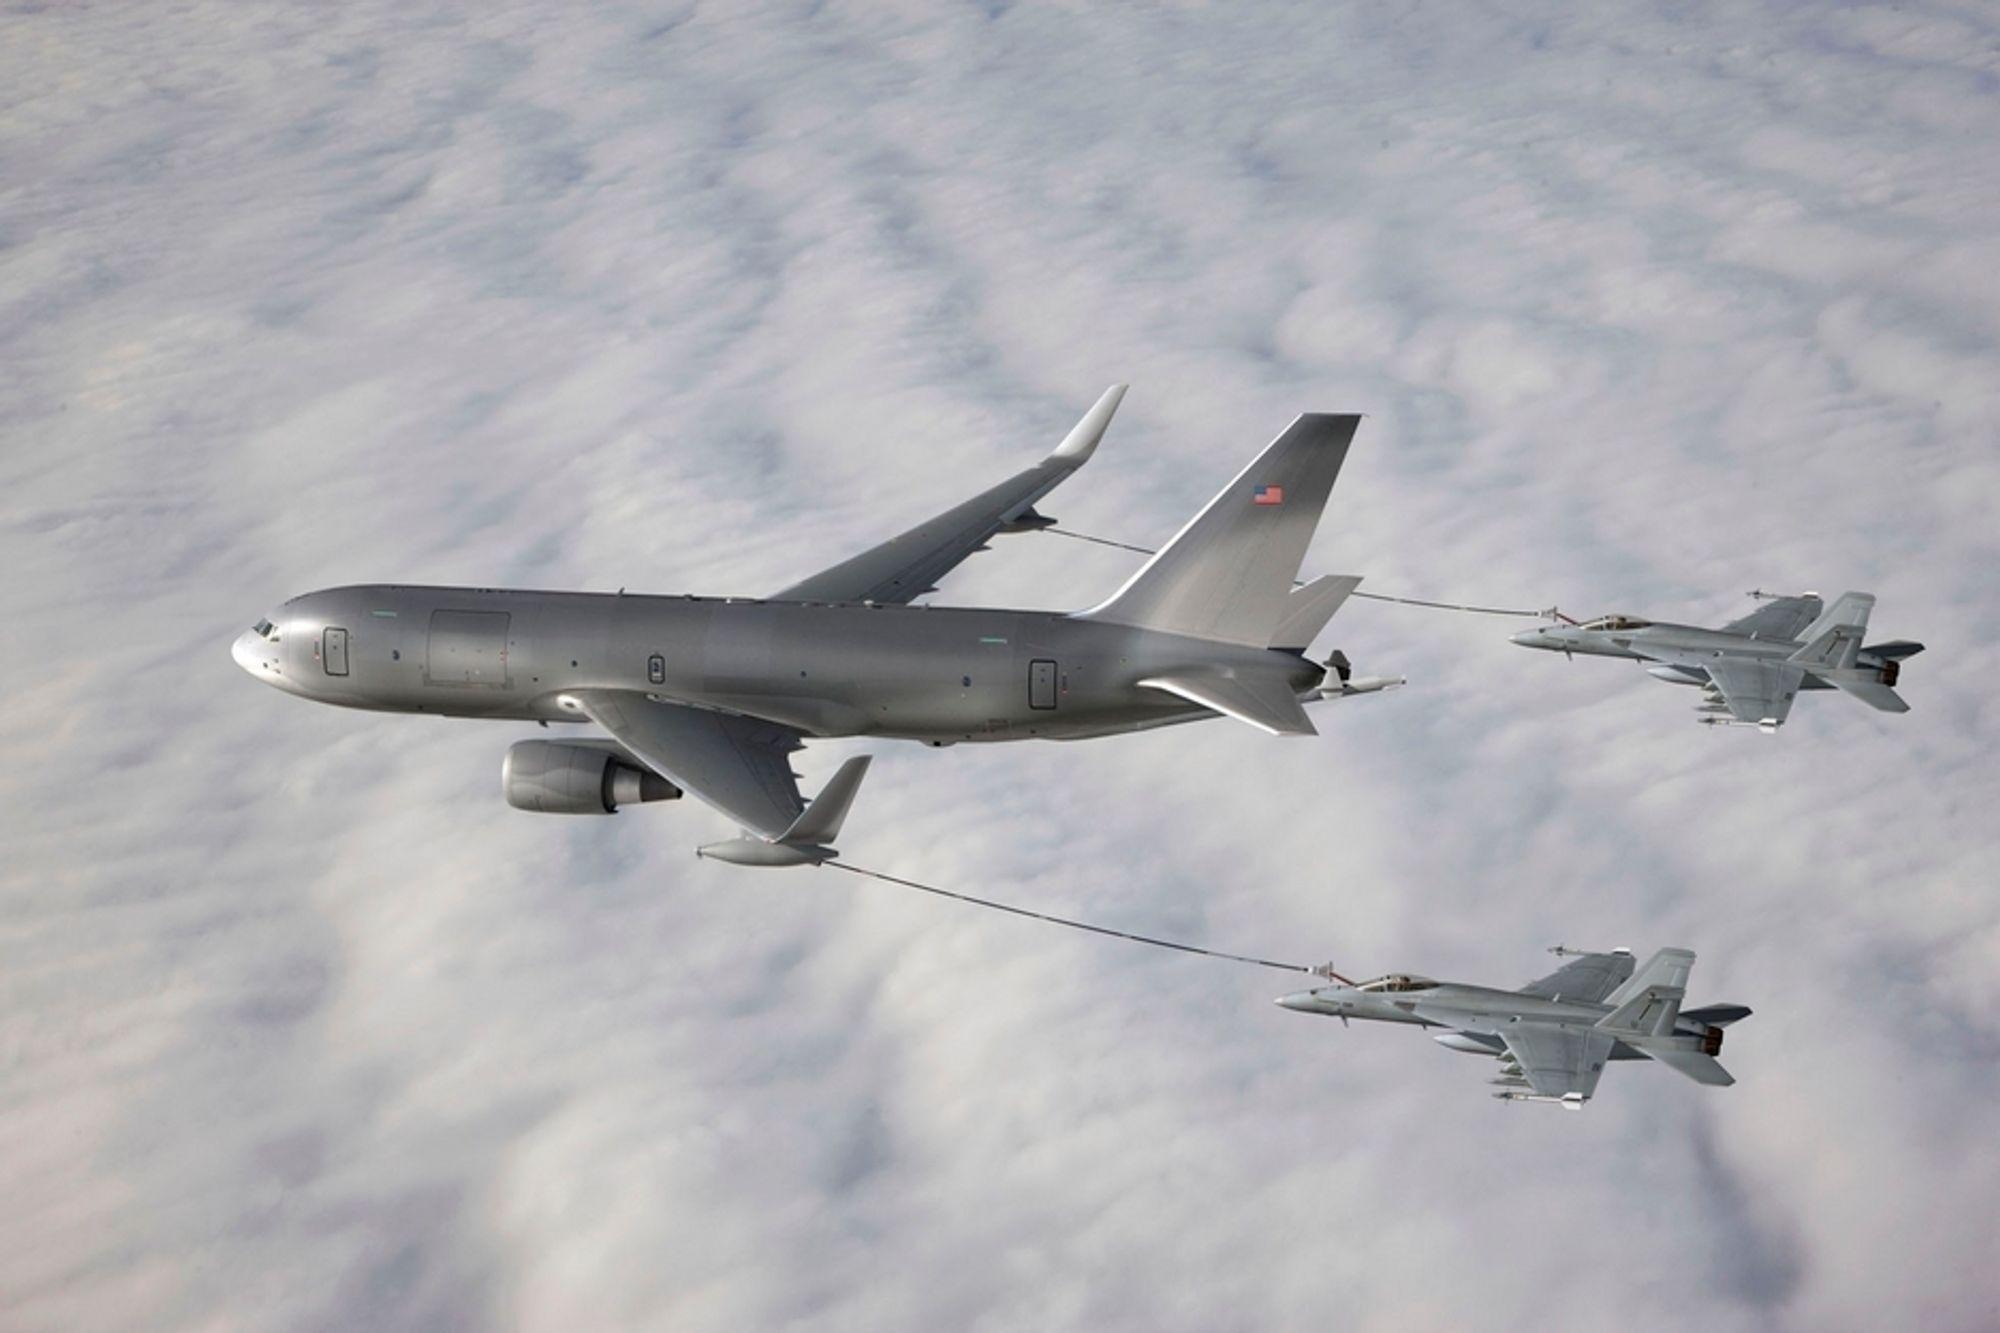 Boeings bud på den amerikanske tankflykontrakten er basert på B767.